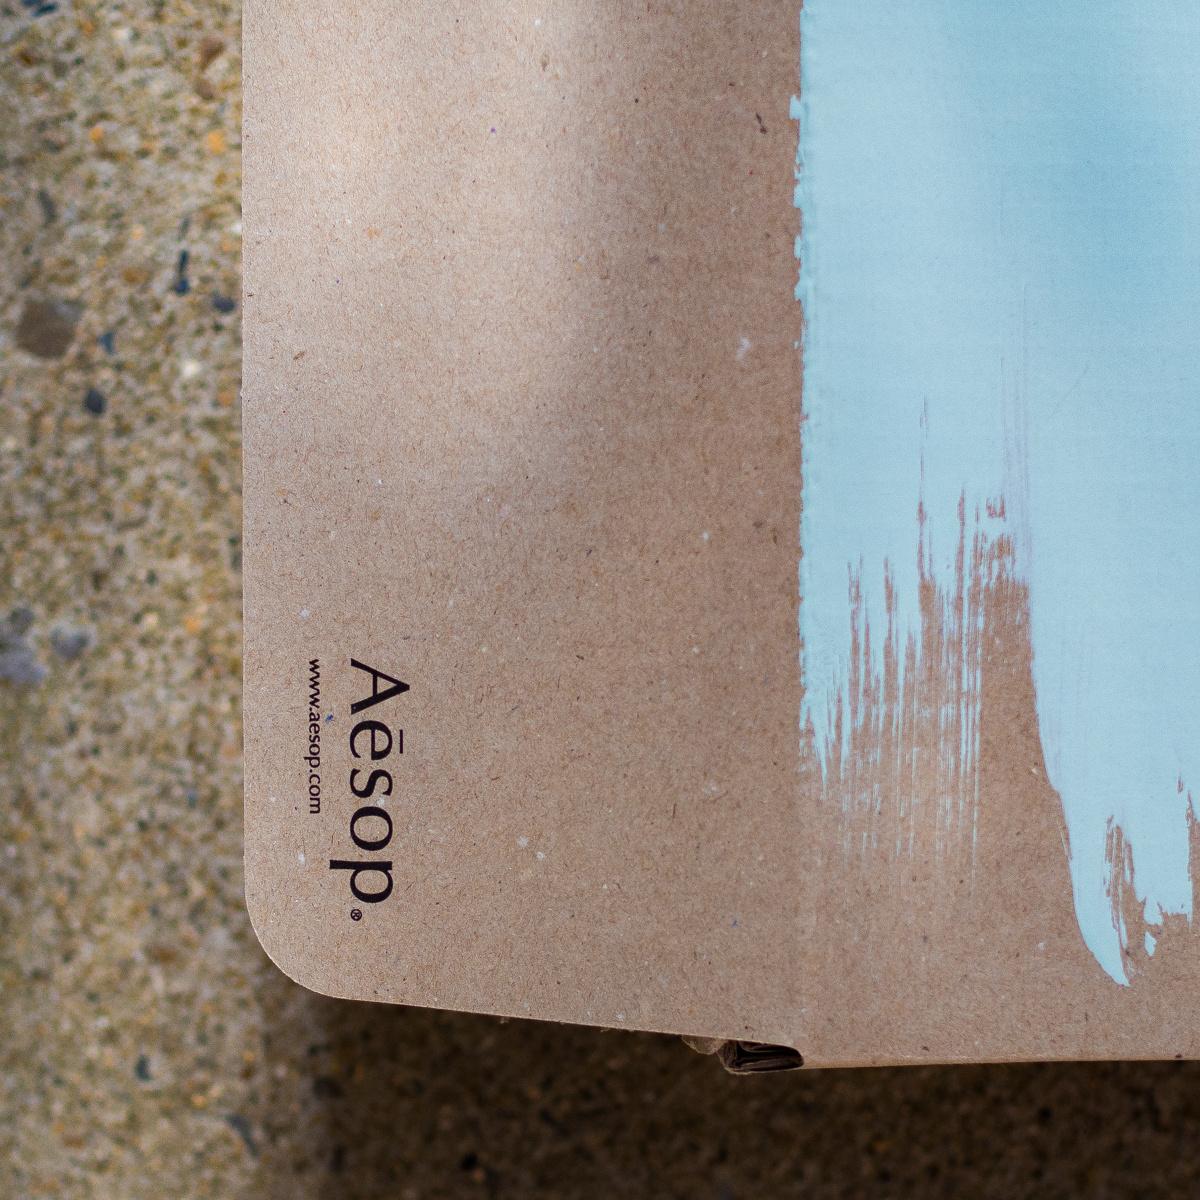 「イソップ」から届いた新製品ギフトは、なんとブランド初の……!